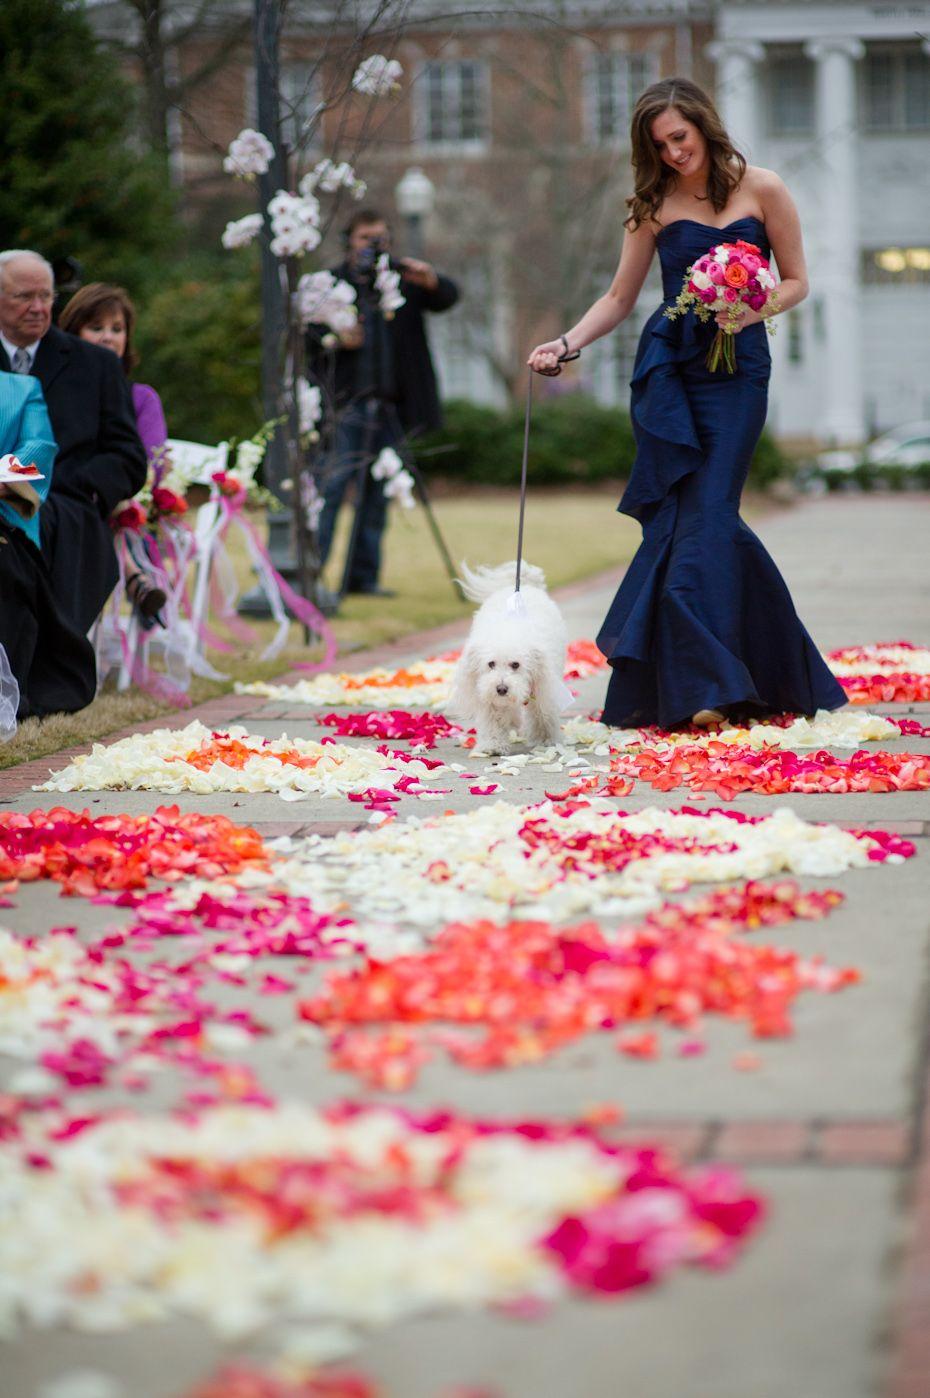 Dog+walking+down+aisle+at+wedding